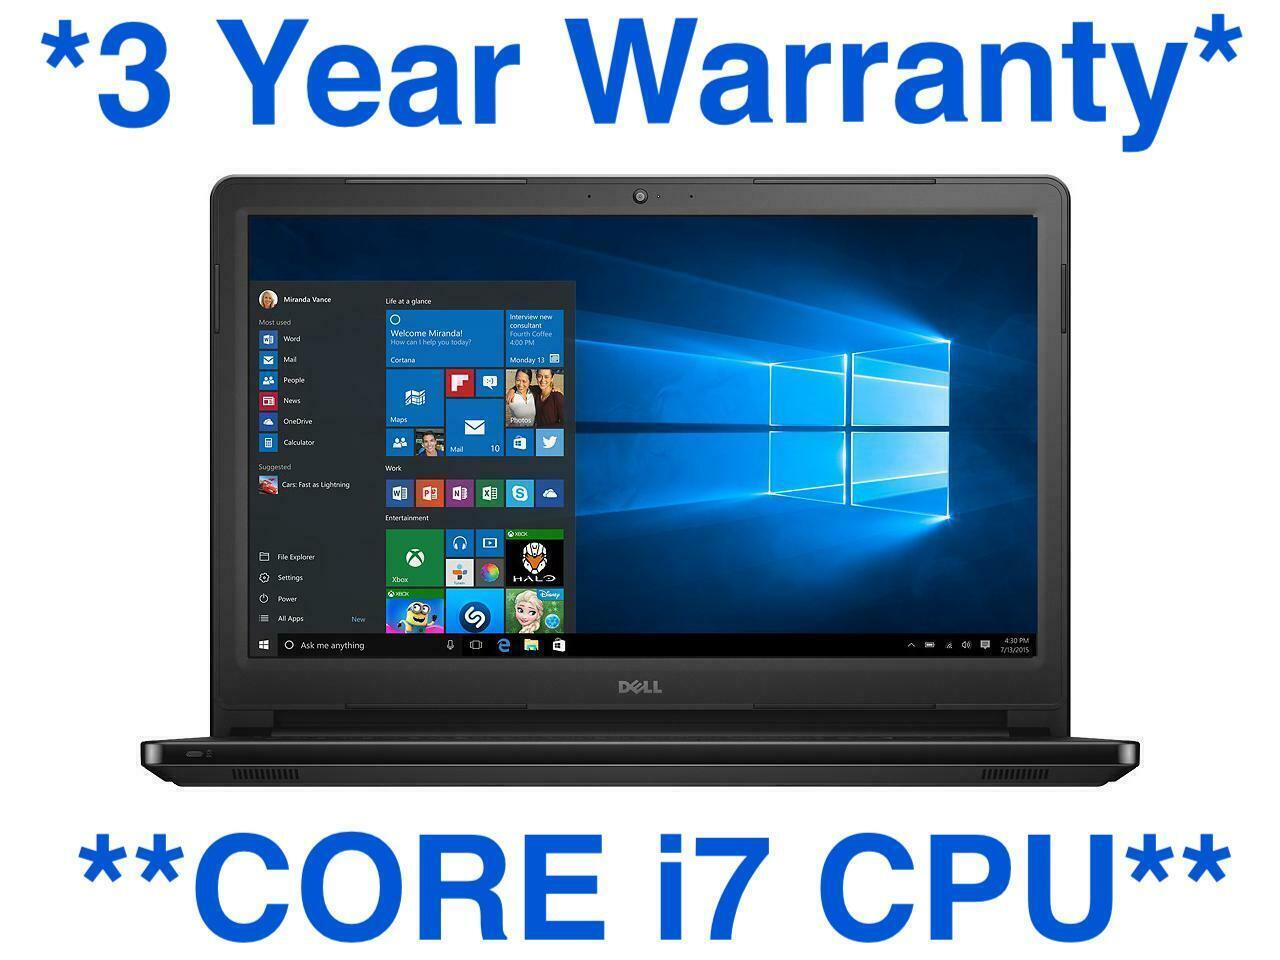 Laptop Windows - Dell Latitude E7440 | CORE I7 ULTRABOOK | Windows 10 Pro PC Laptop | 500GB SSHD!